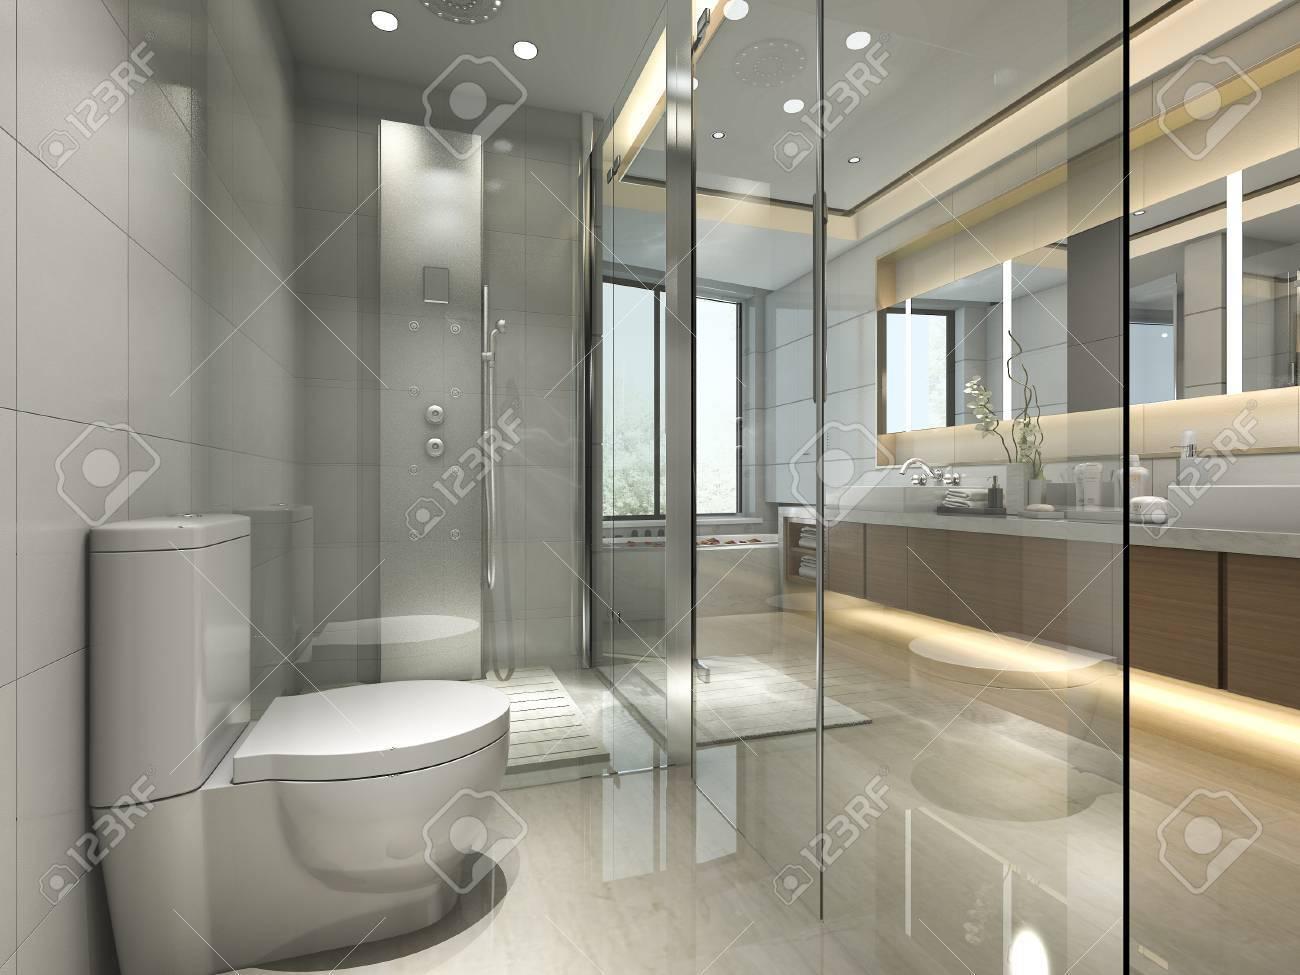 Salle De Bains Classique Moderne Offrant Un Décor De Carrelage De ...